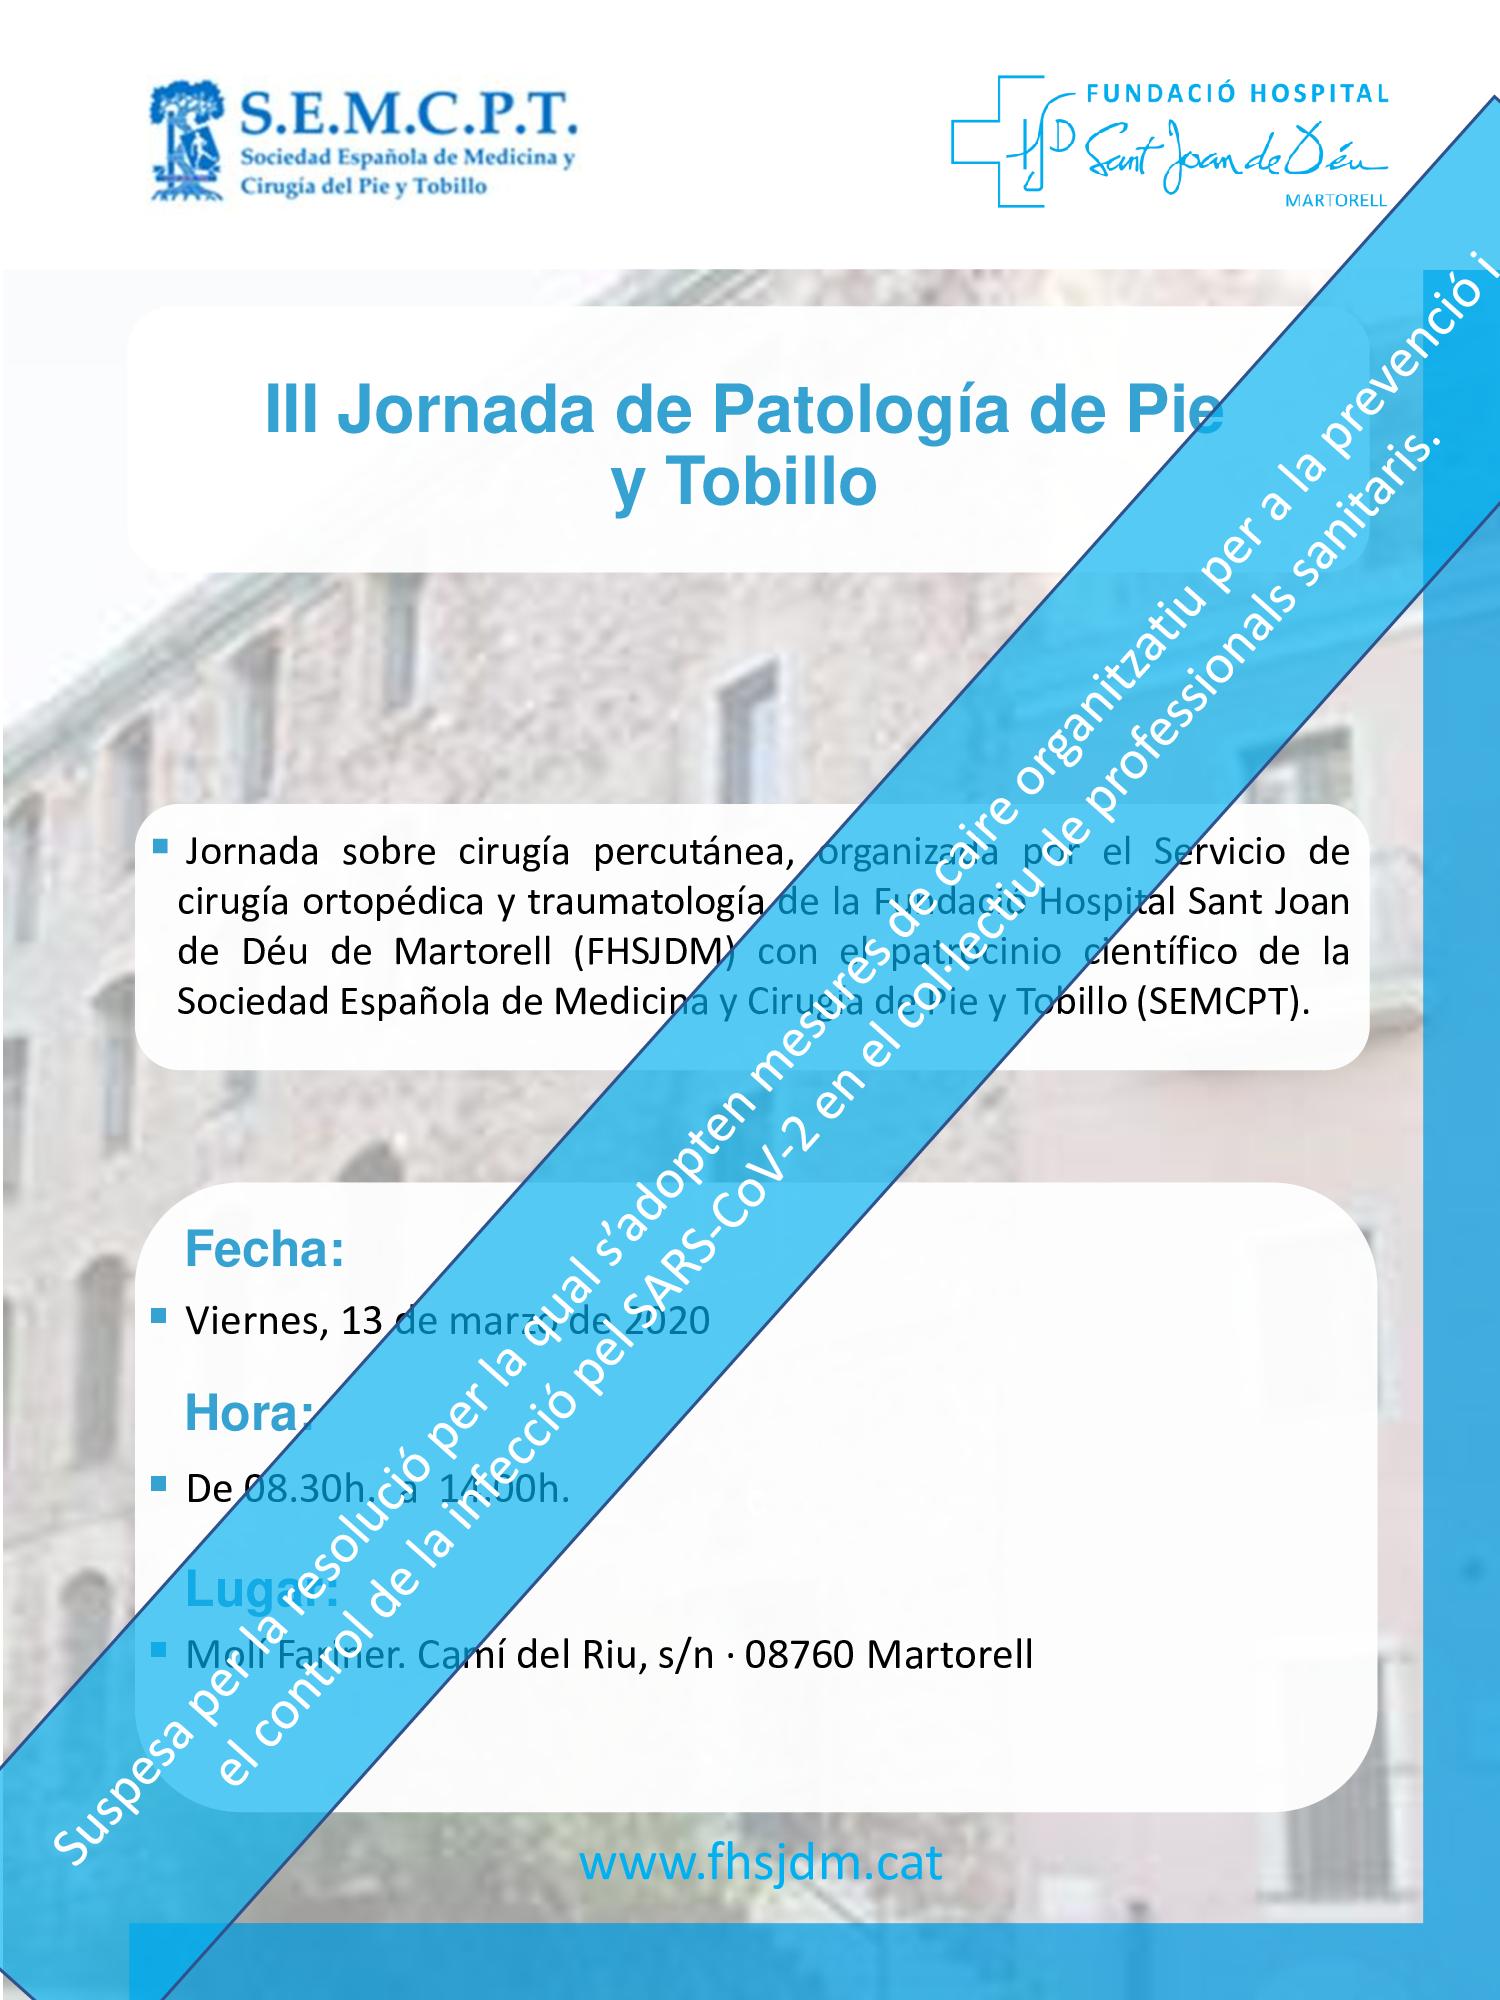 """III JORNADA DE PATOLOGIA DE PIE Y TOBILLO """"Con el patrocinio científico de la Sociedad Española de Medicina y Cirugía del Pie y Tobillo"""""""